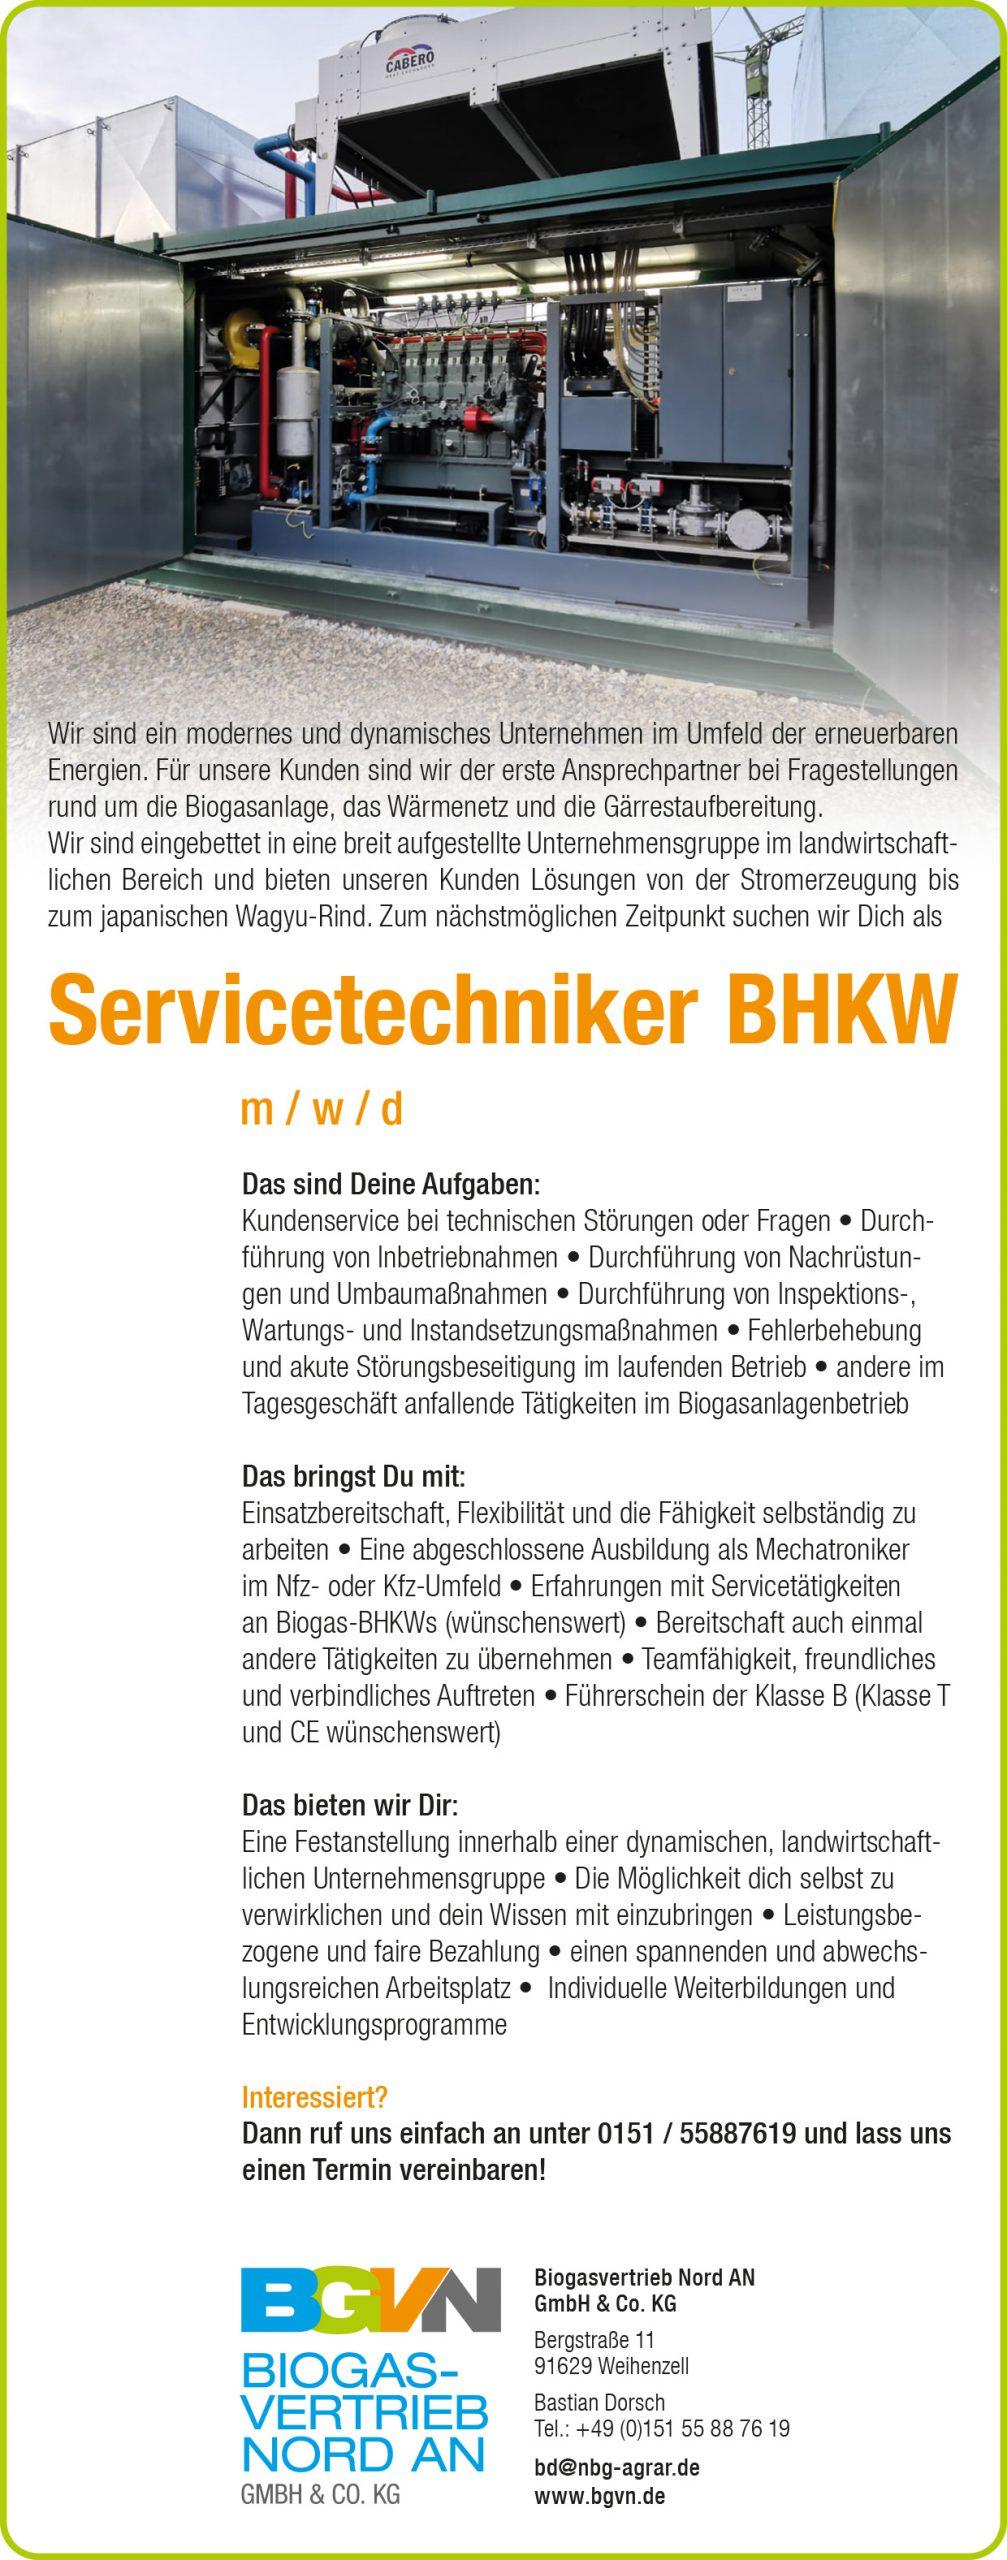 Stellenanzeige Biogasvertrieb Nord AN GmbH & CO. KG, Servicetechniker BHKW m/w/d